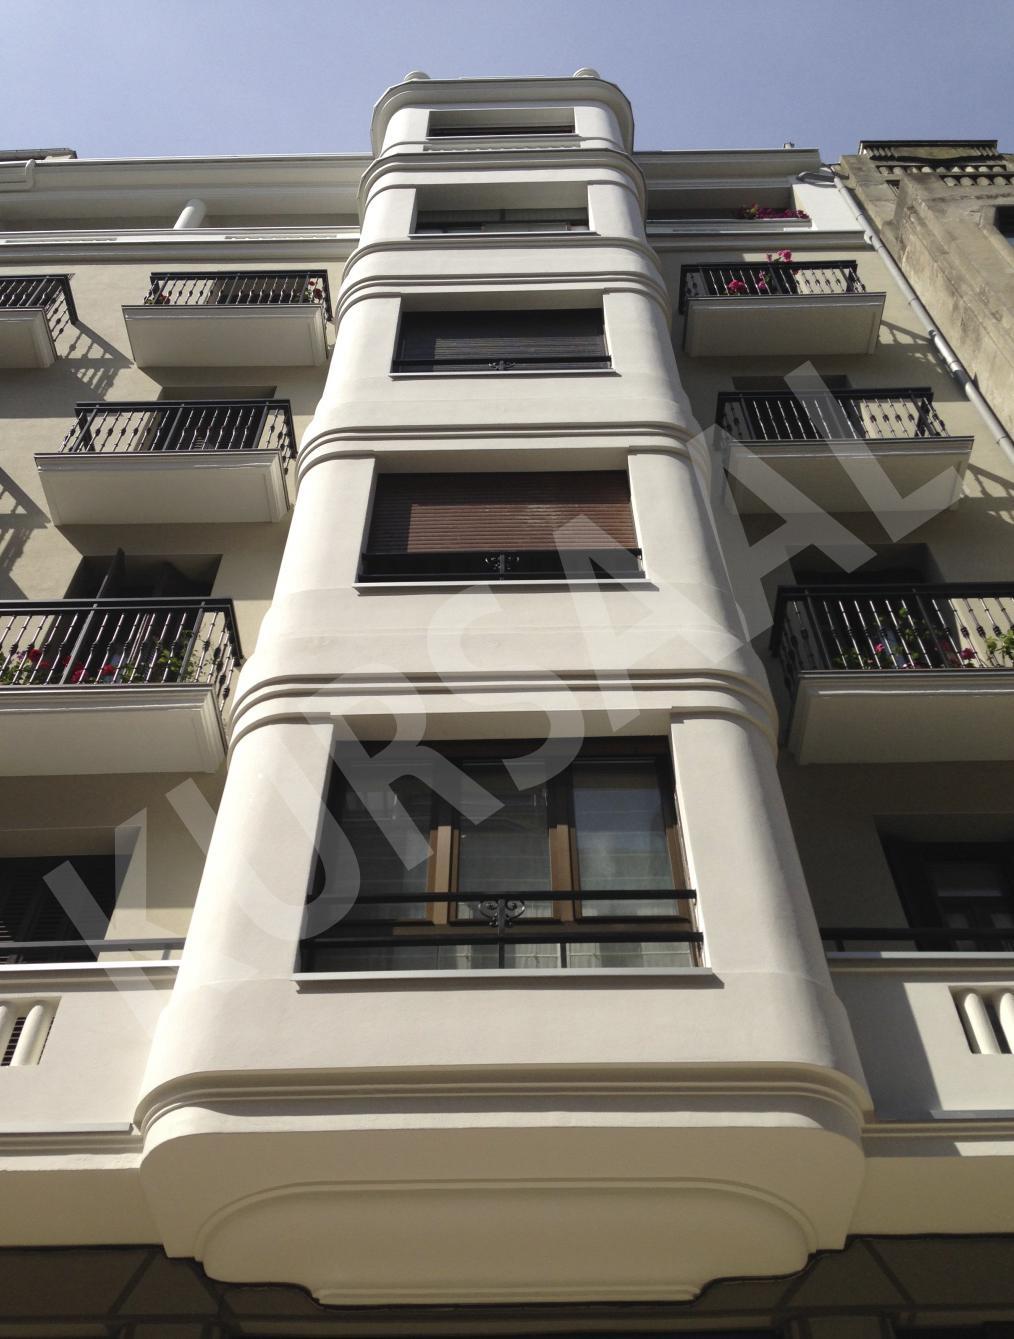 foto 10 - Aislamientos Térmicos y Eficiencia Energética-Gran Vía 16-Donostia